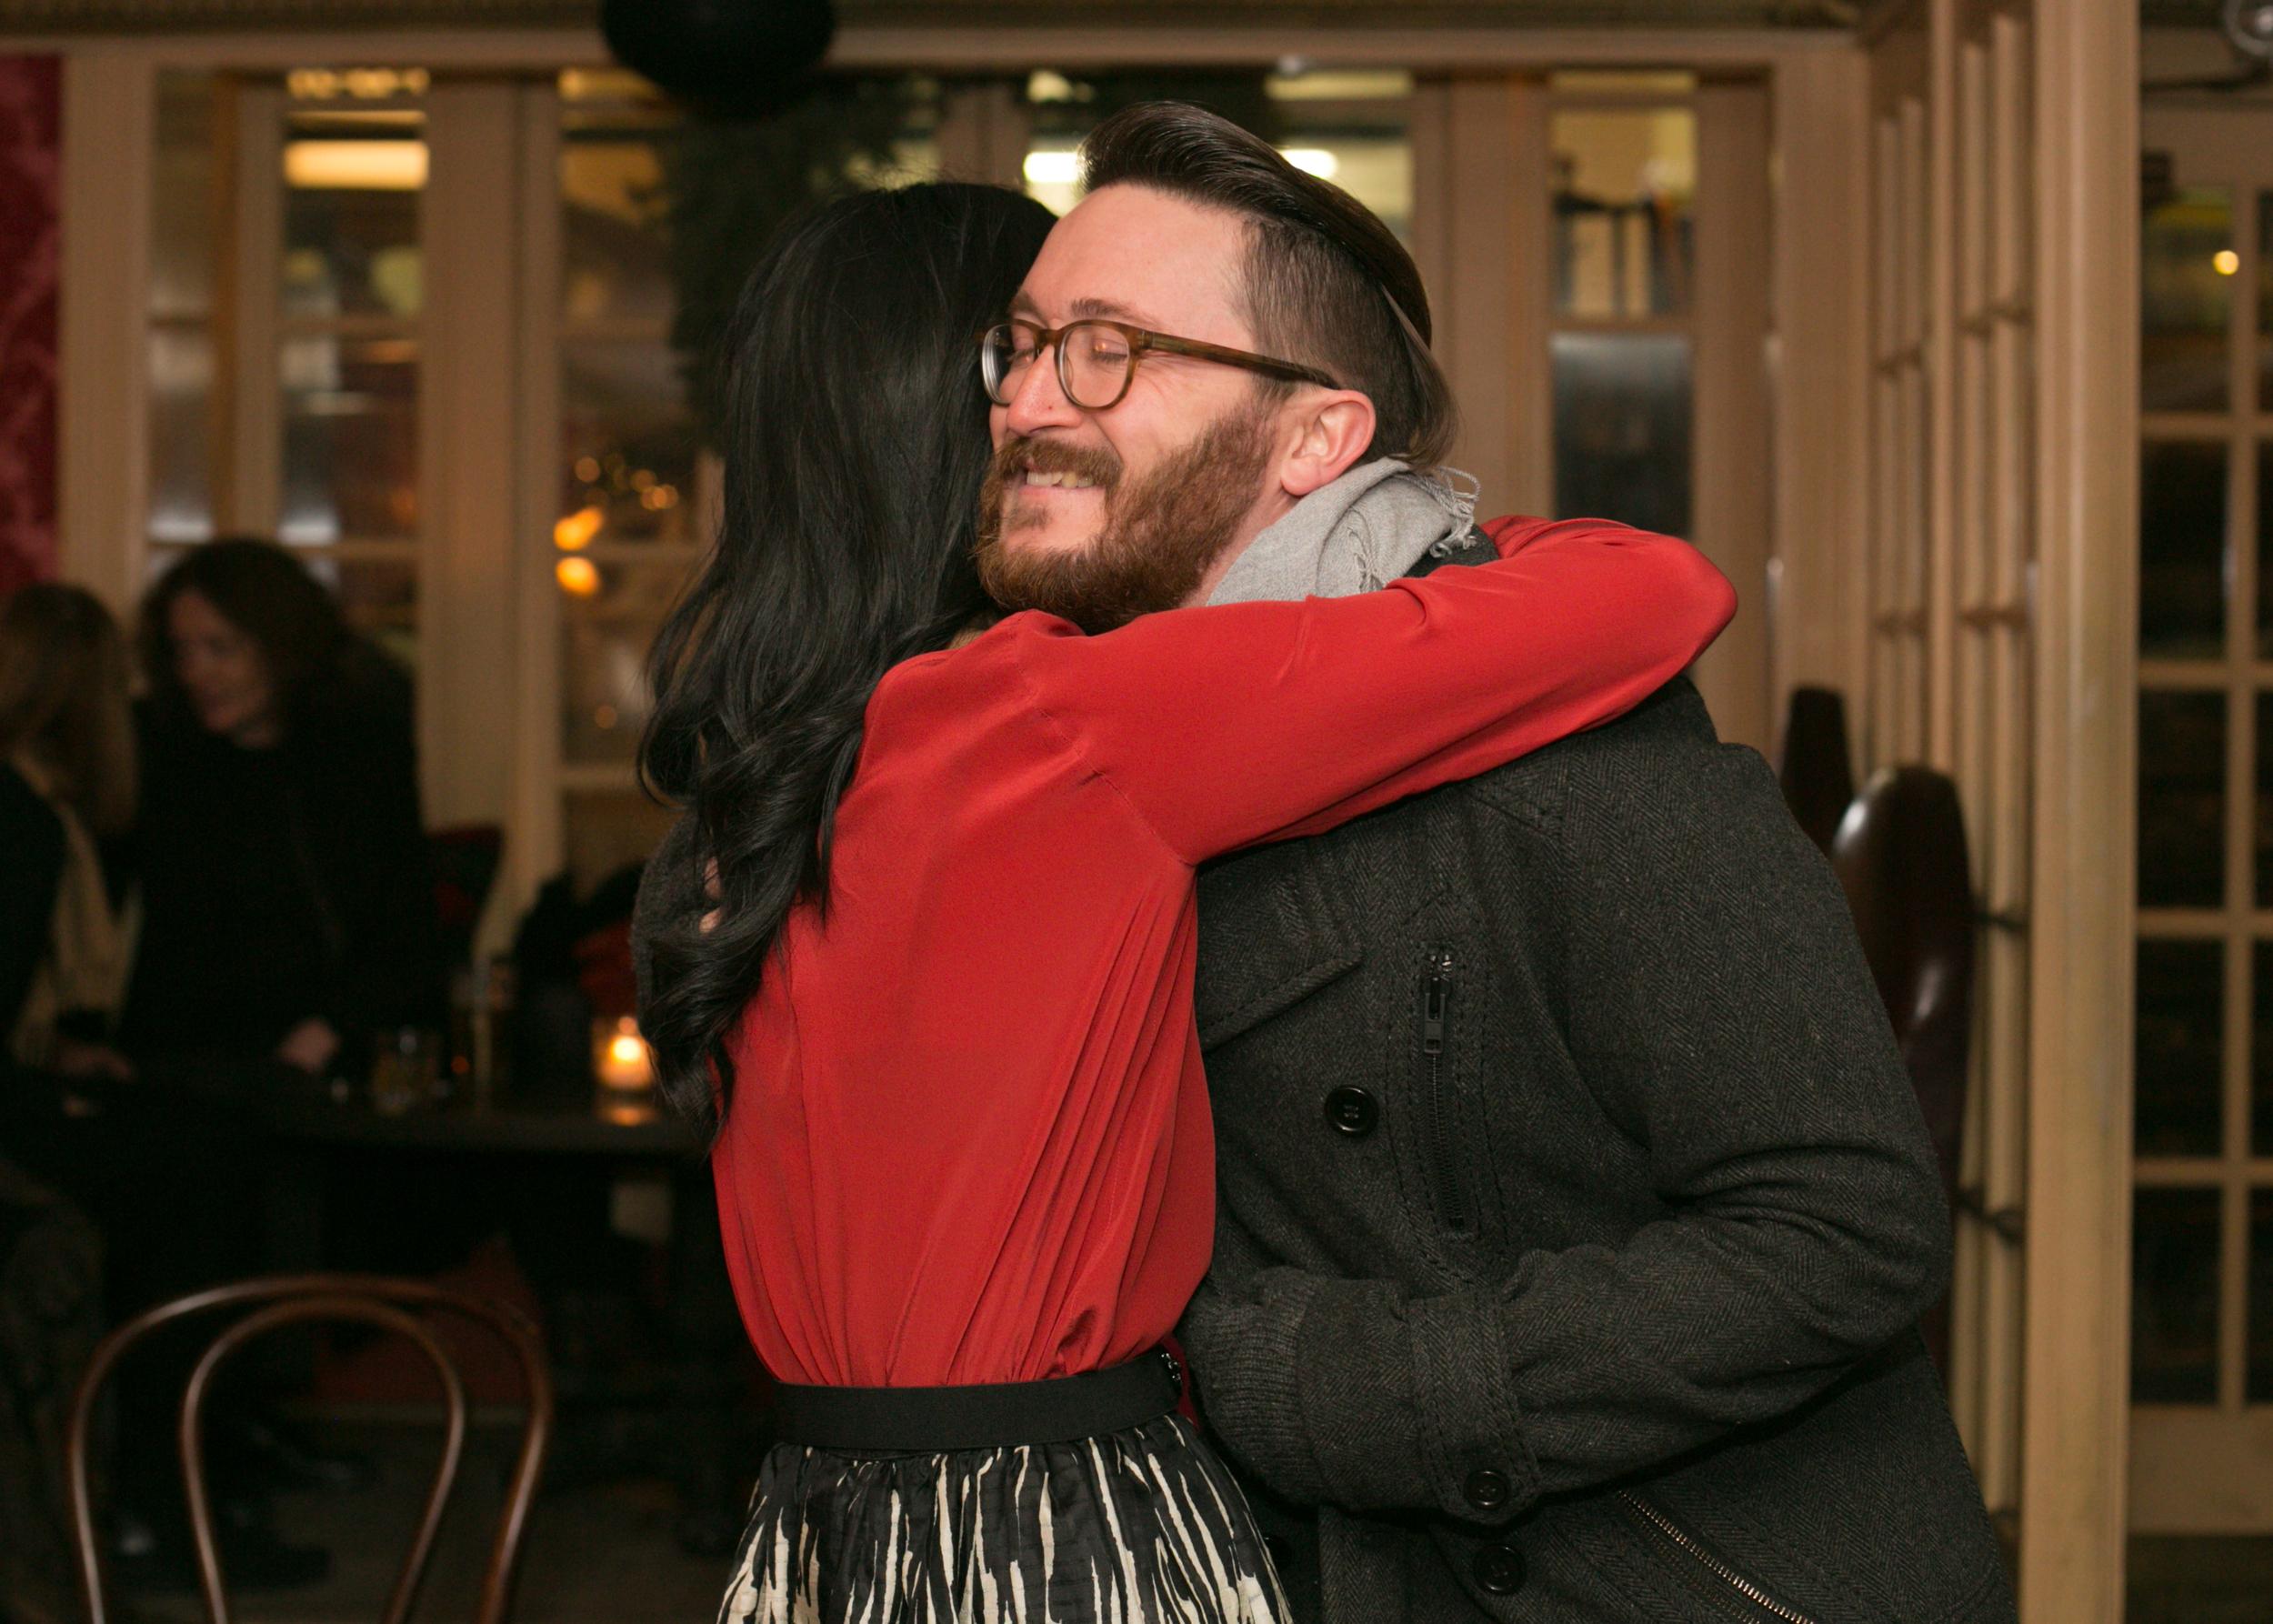 Big hugs, that's how we do!